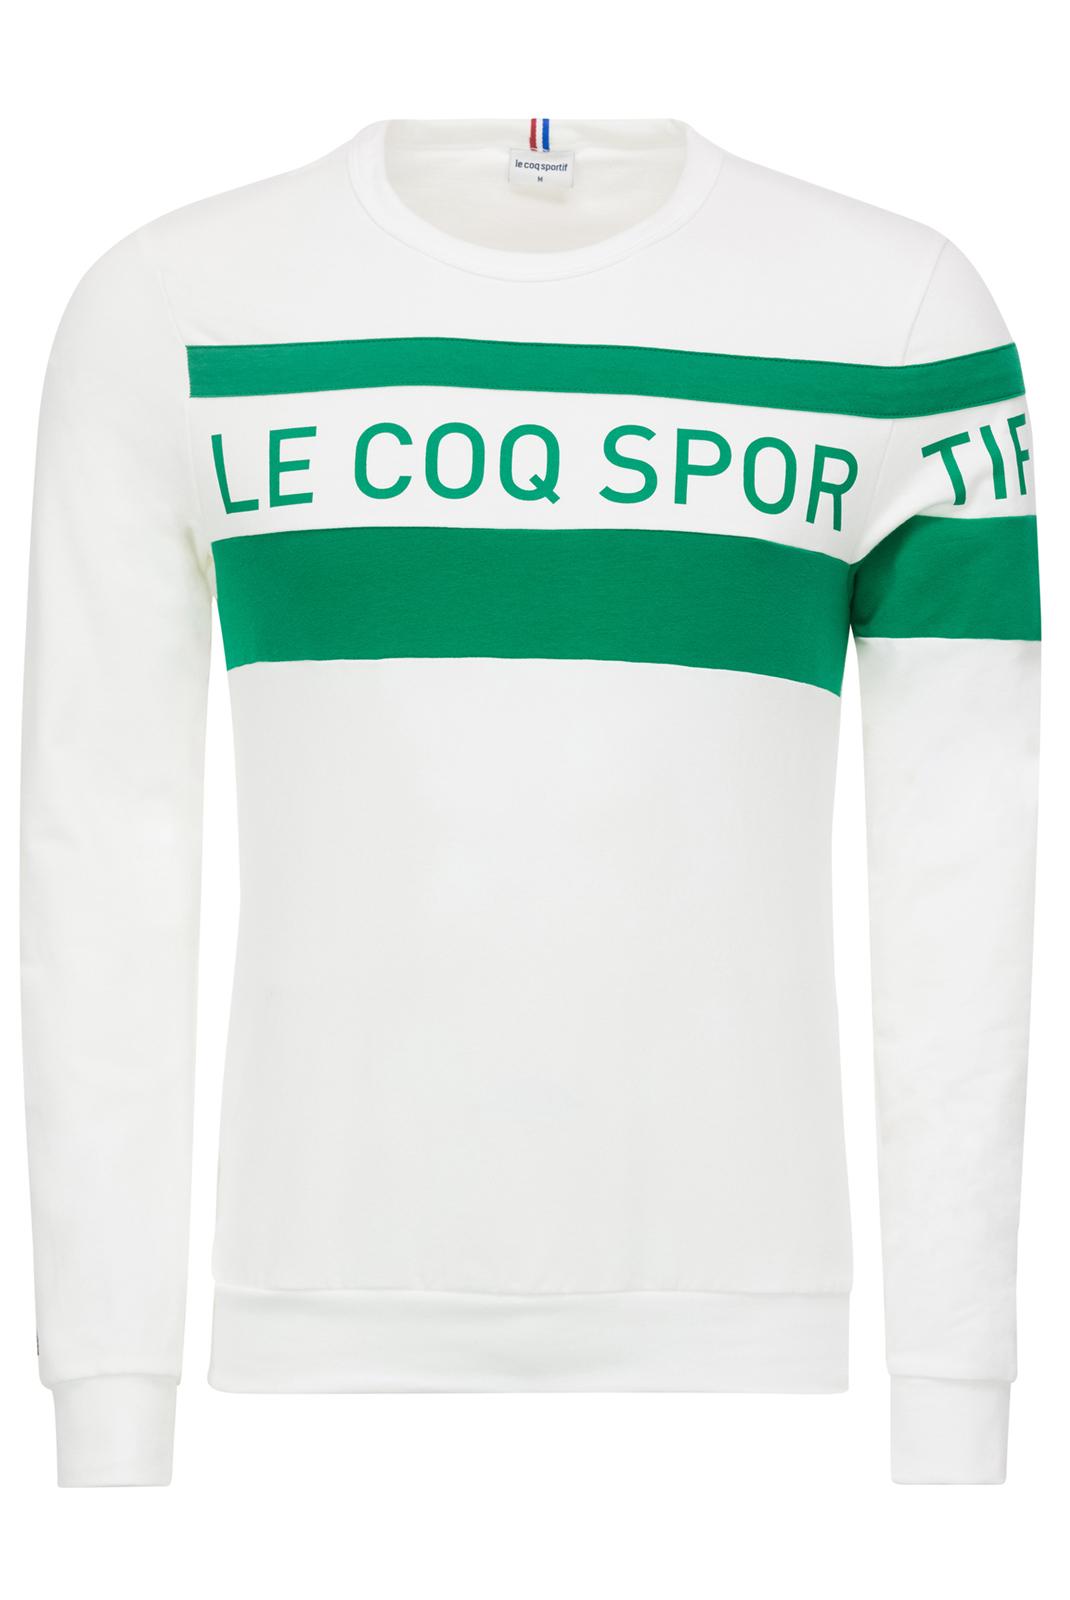 T-S manches longues  Le coq sportif 1811710 BLANC/VERT